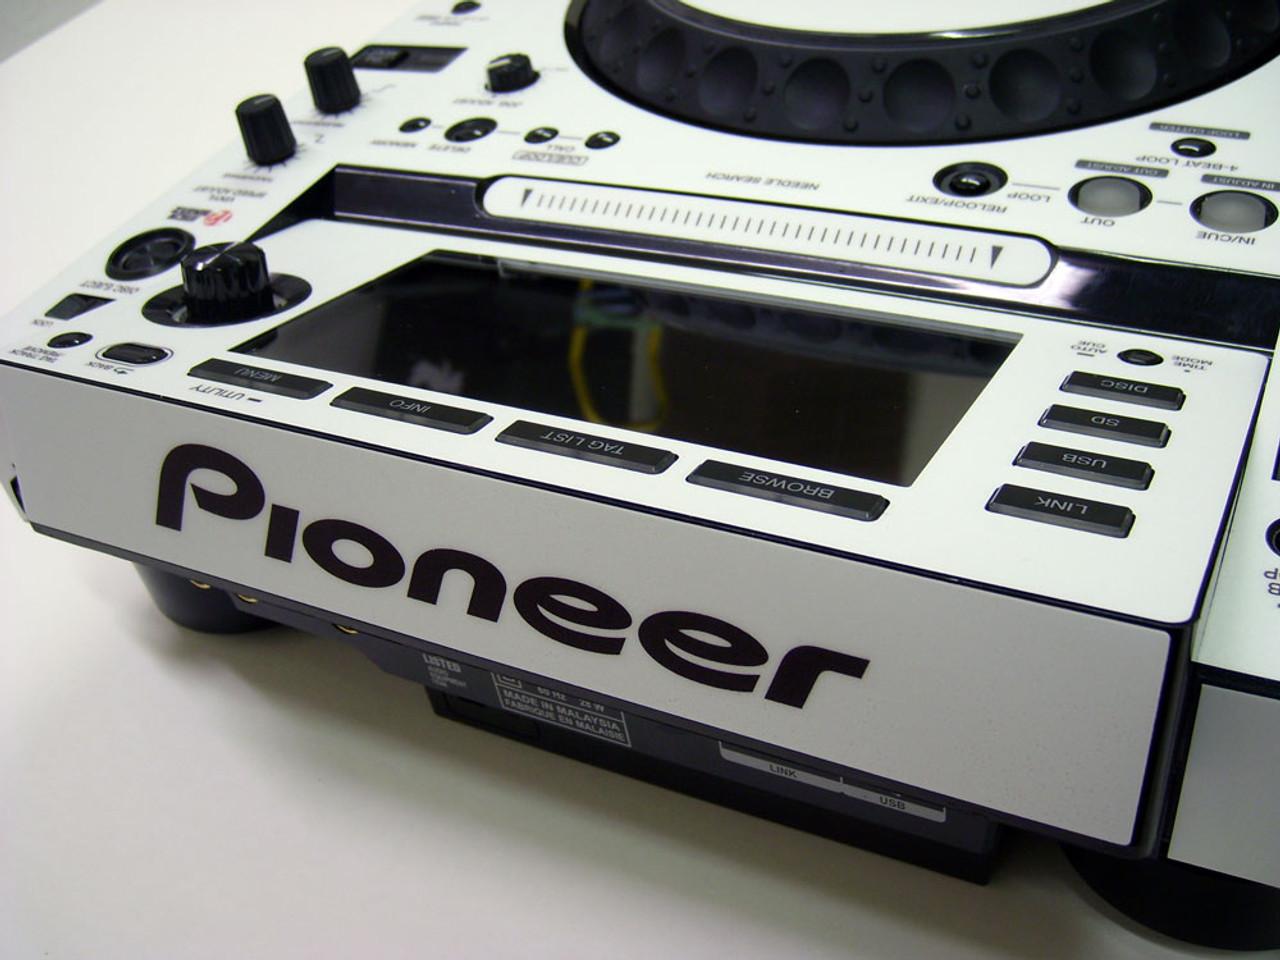 Pioneer CDJ-2000 Skinz (PAIR) - COLORS